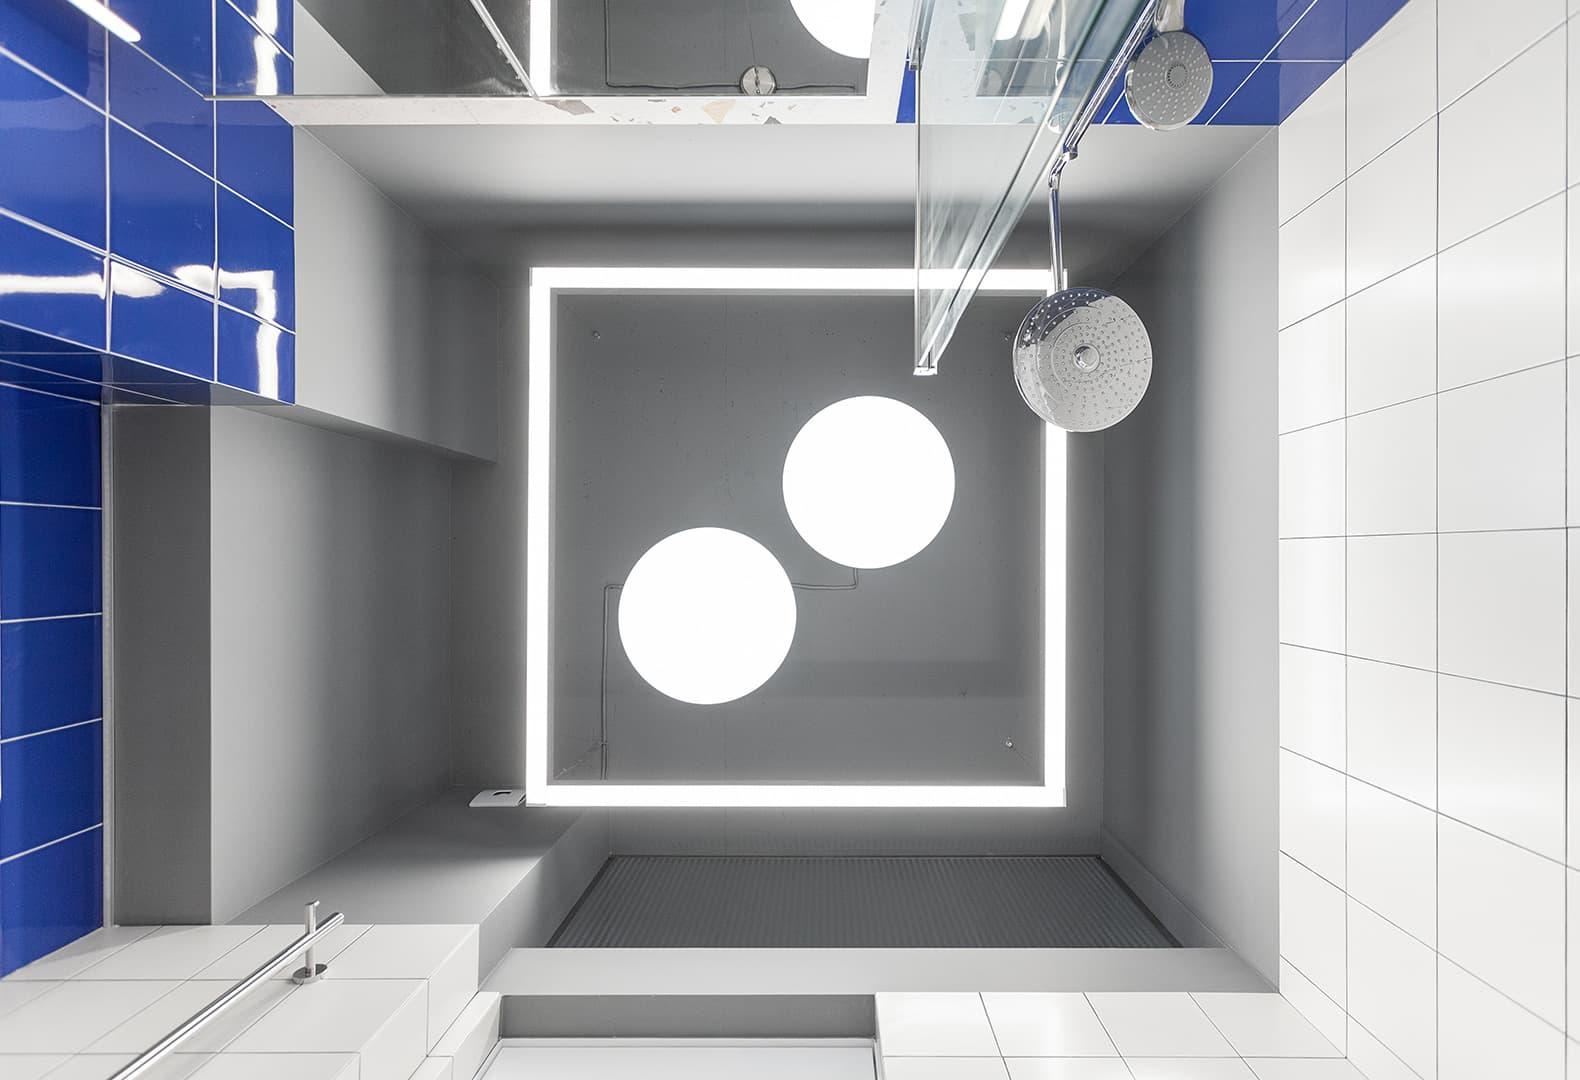 Квартира в Москве с акцентом на освещении – проект LSD bureau